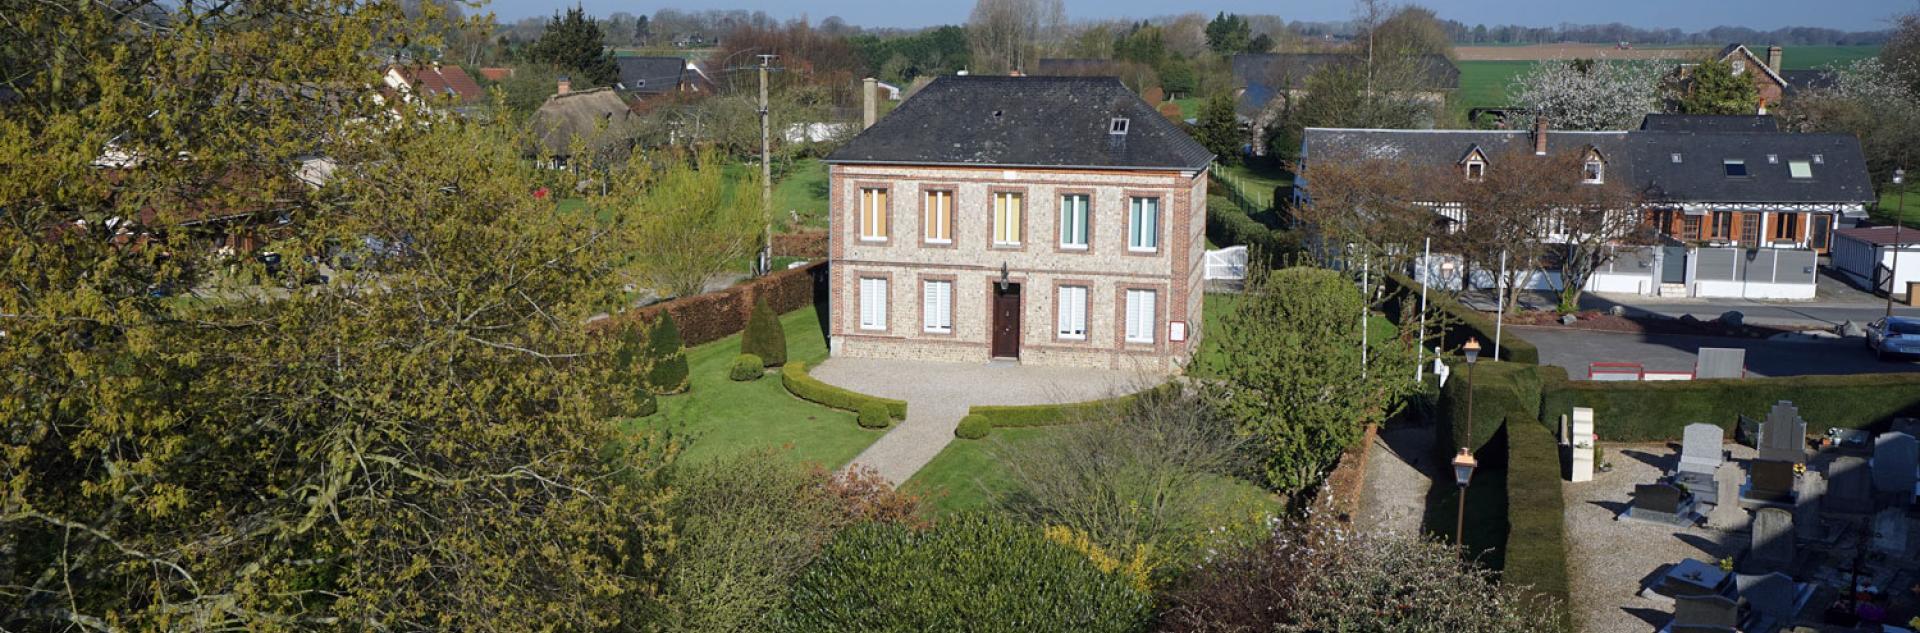 Mairie de Vergetot